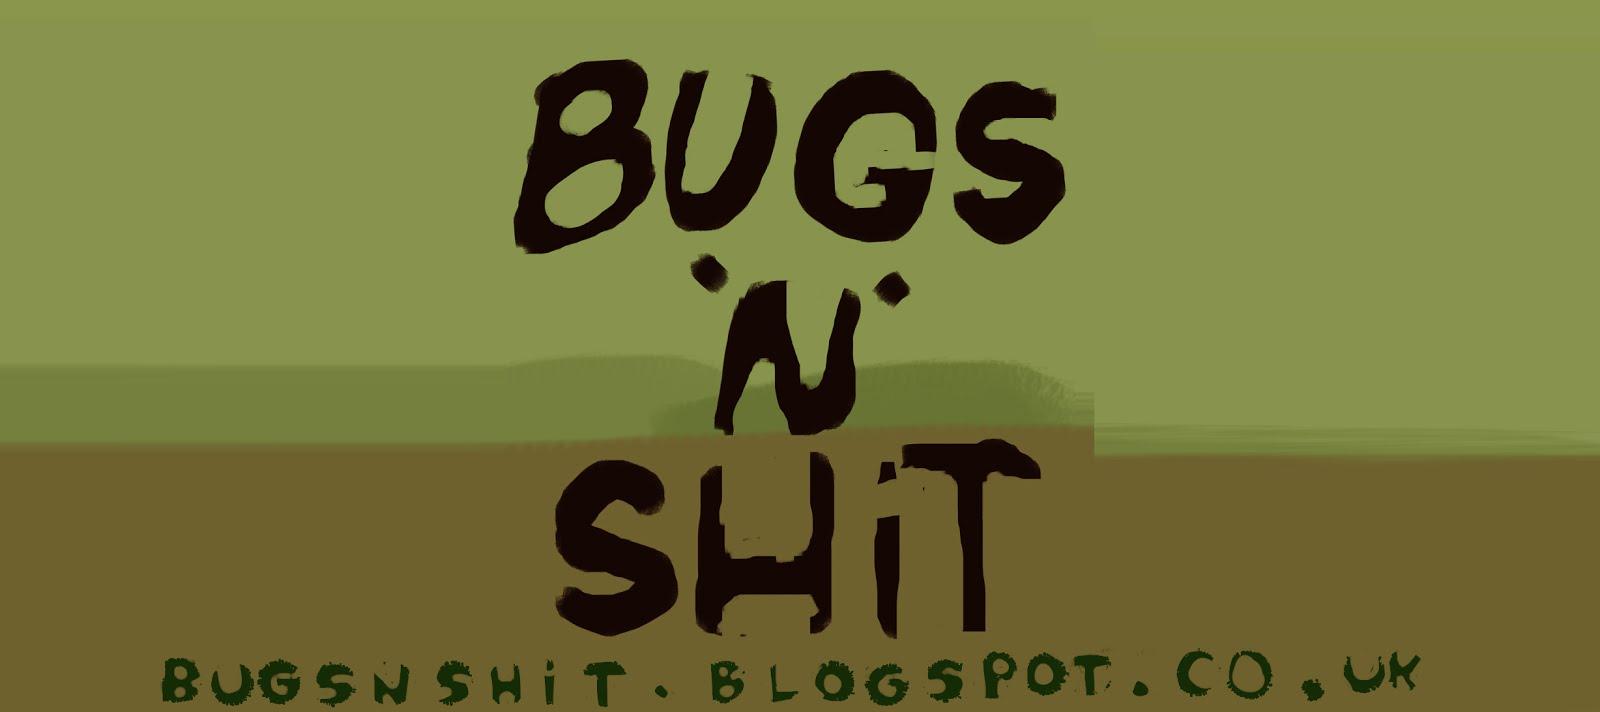 bugsnshit